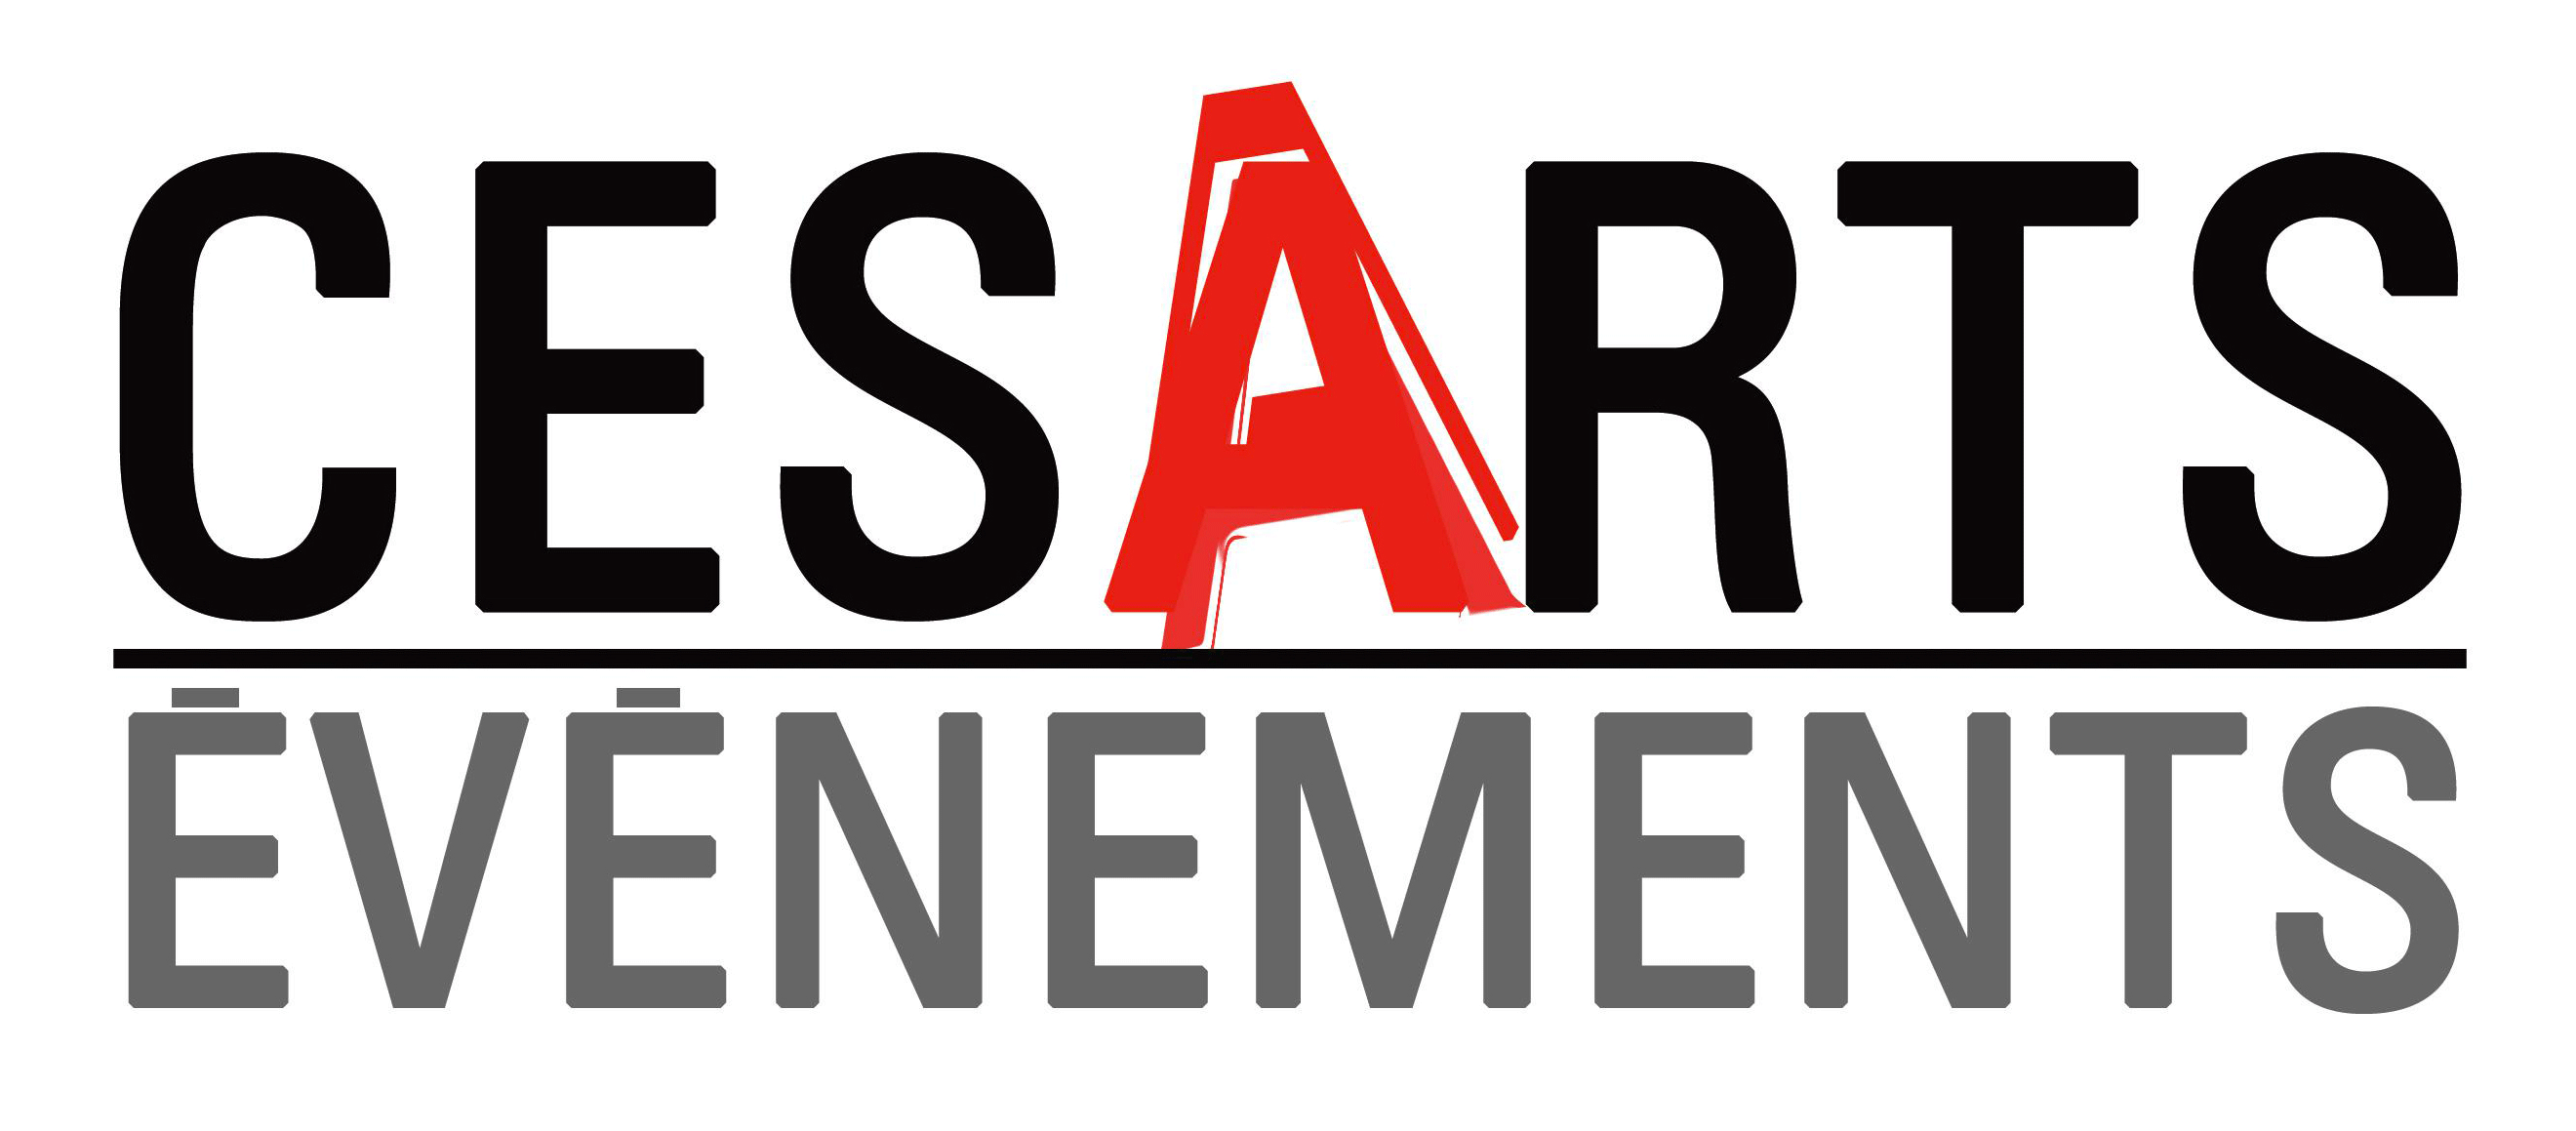 logo-cesarts-evenements